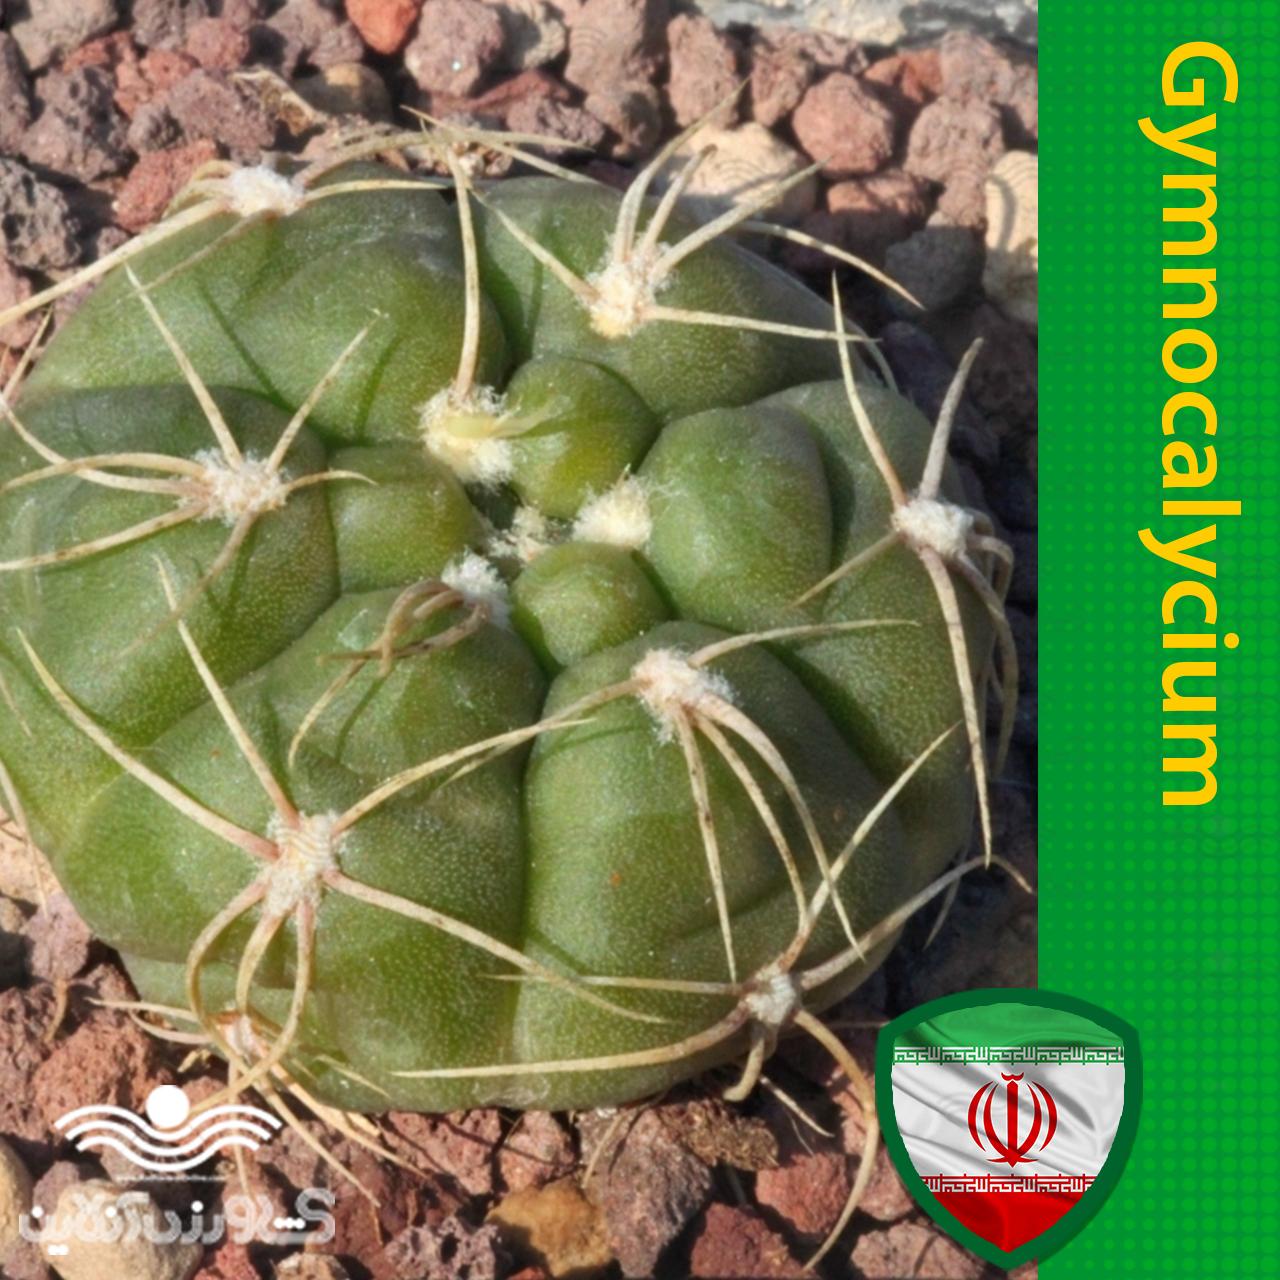 بذر ژمینو بروچی و روش تکثیر و نگهداری ژمینو